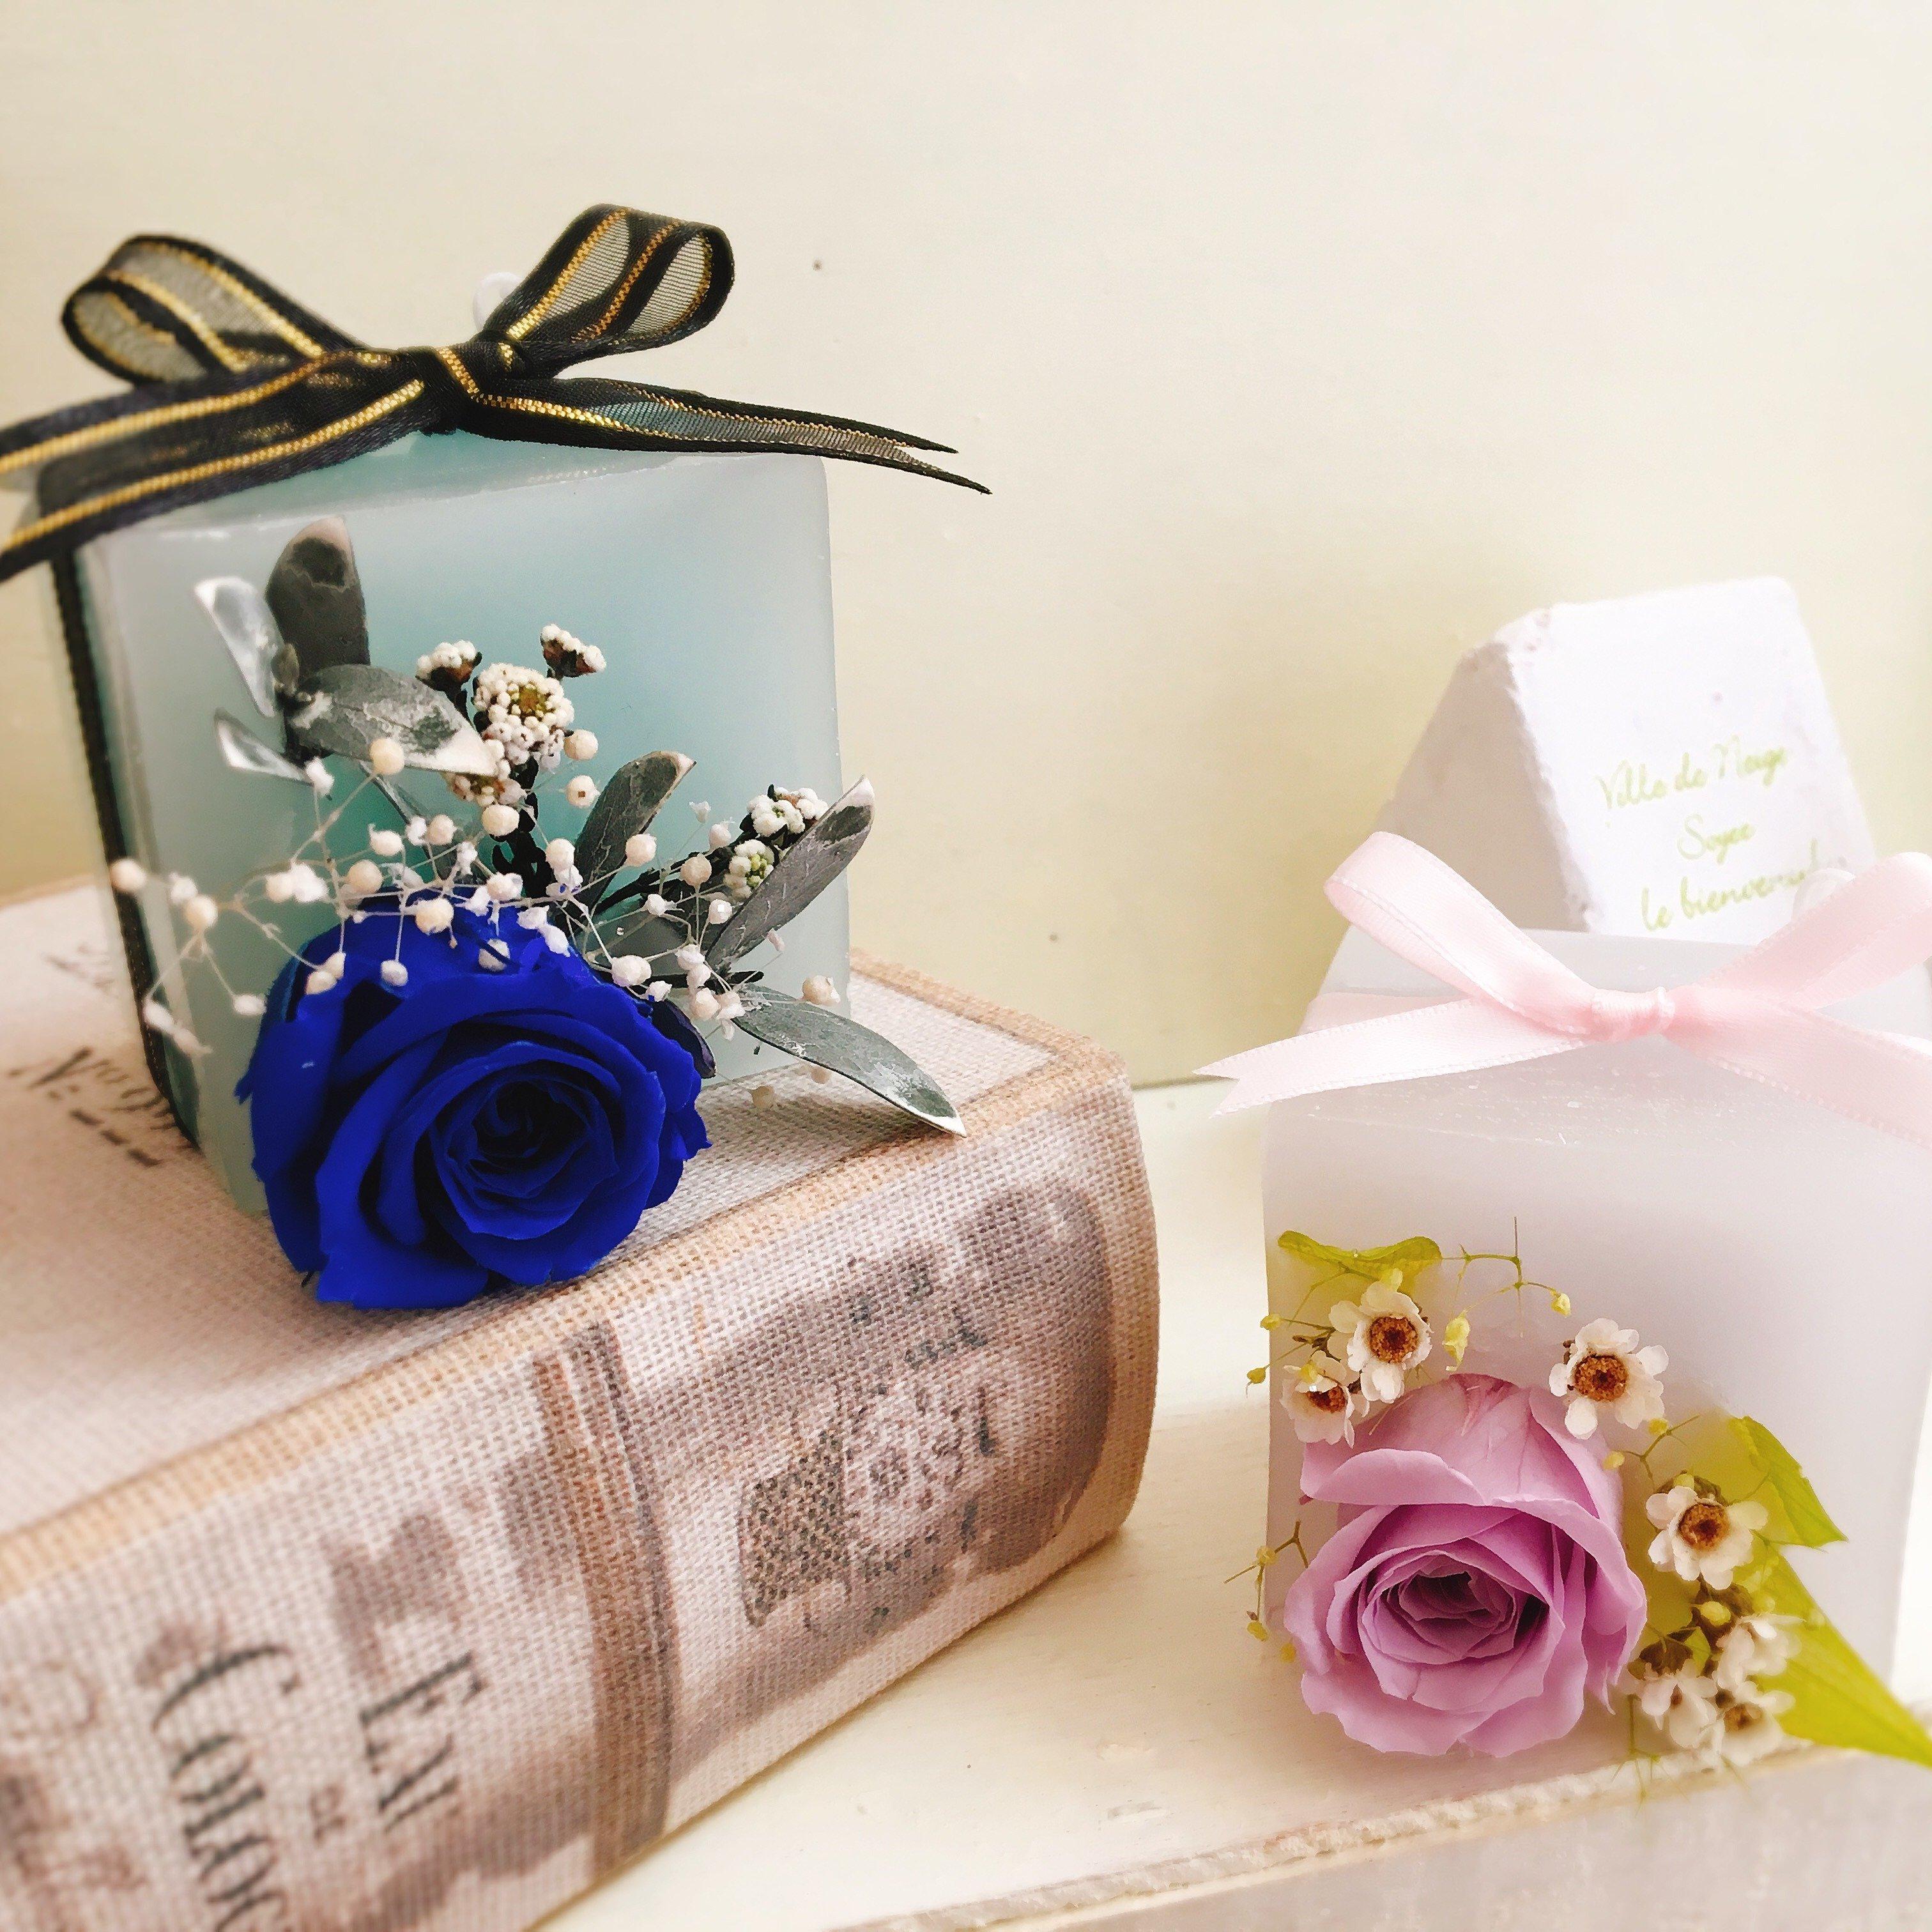 【キャンドル制作体験】プレゼントにおすすめ!キューブ型キャンドル2個 制作♪(初心者様、小さなお子様連れOK!)のイメージその1